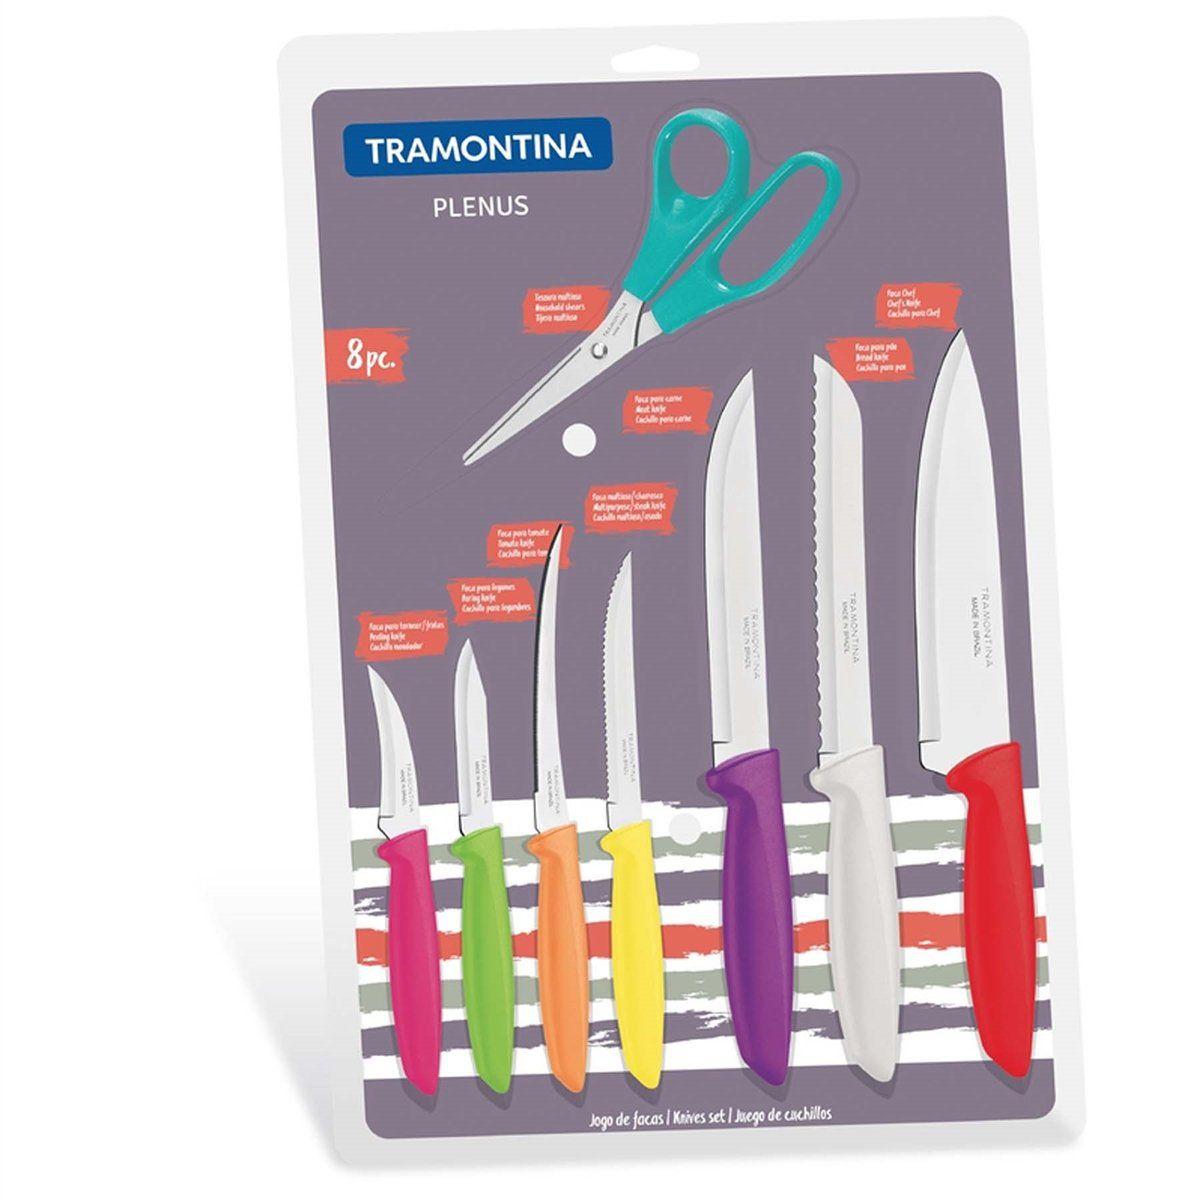 Jogo de Facas 8 Peças Tramontina - Plenos 23498/917